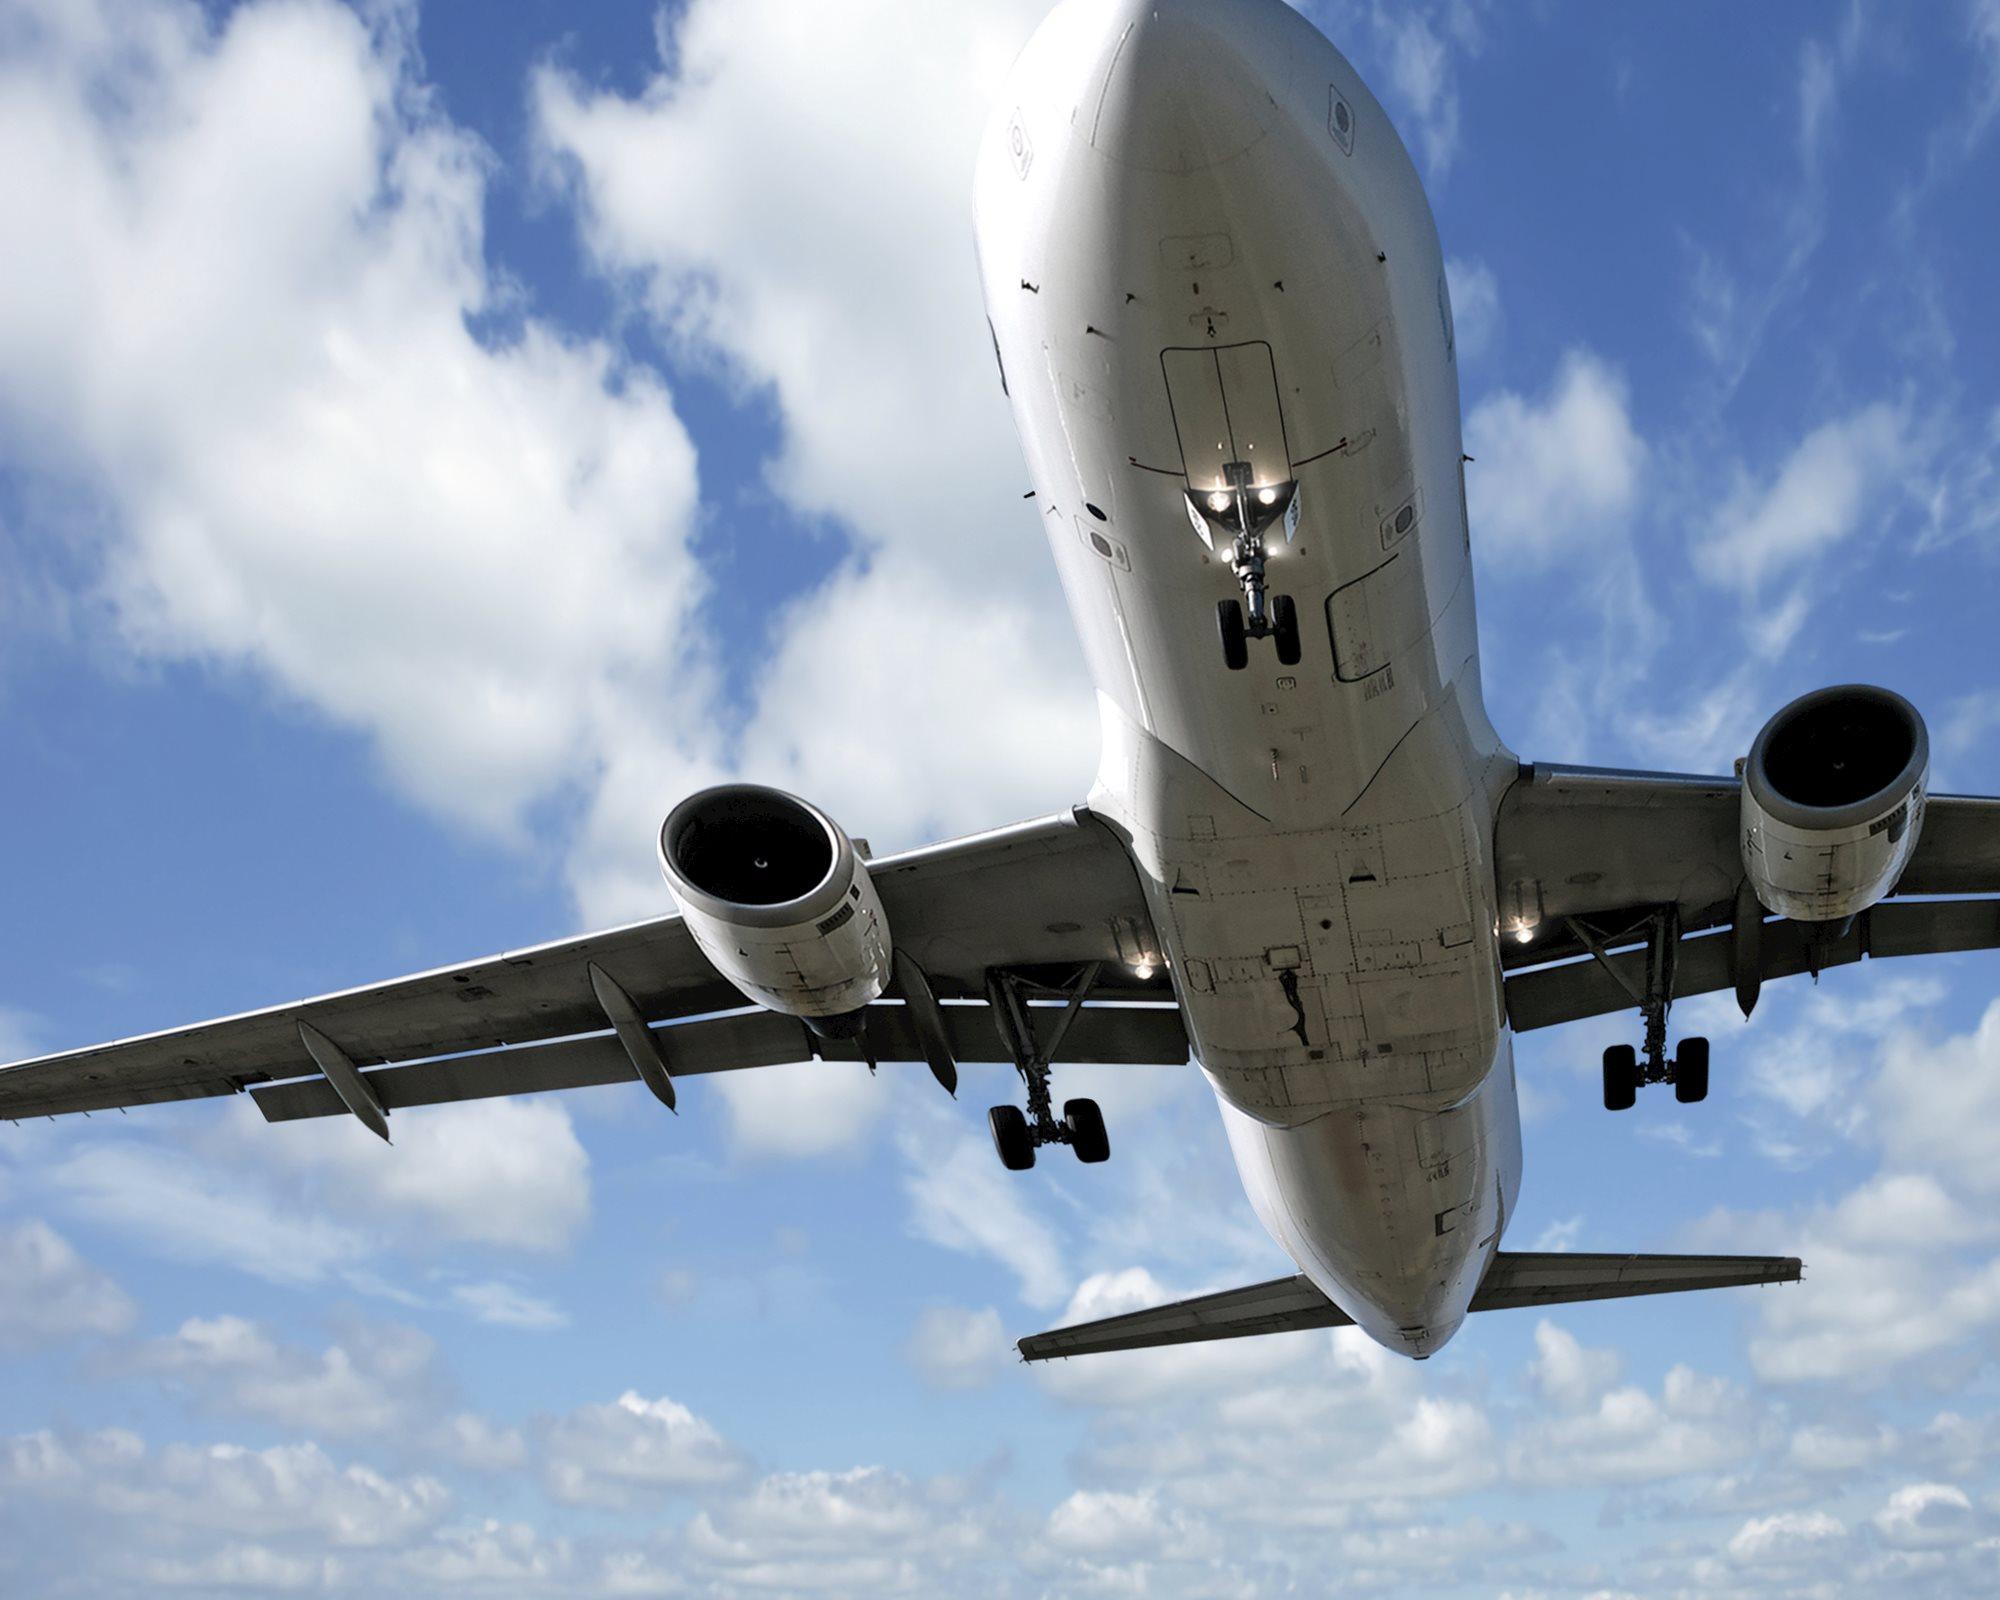 Jet_Airplane_Landing.jpg